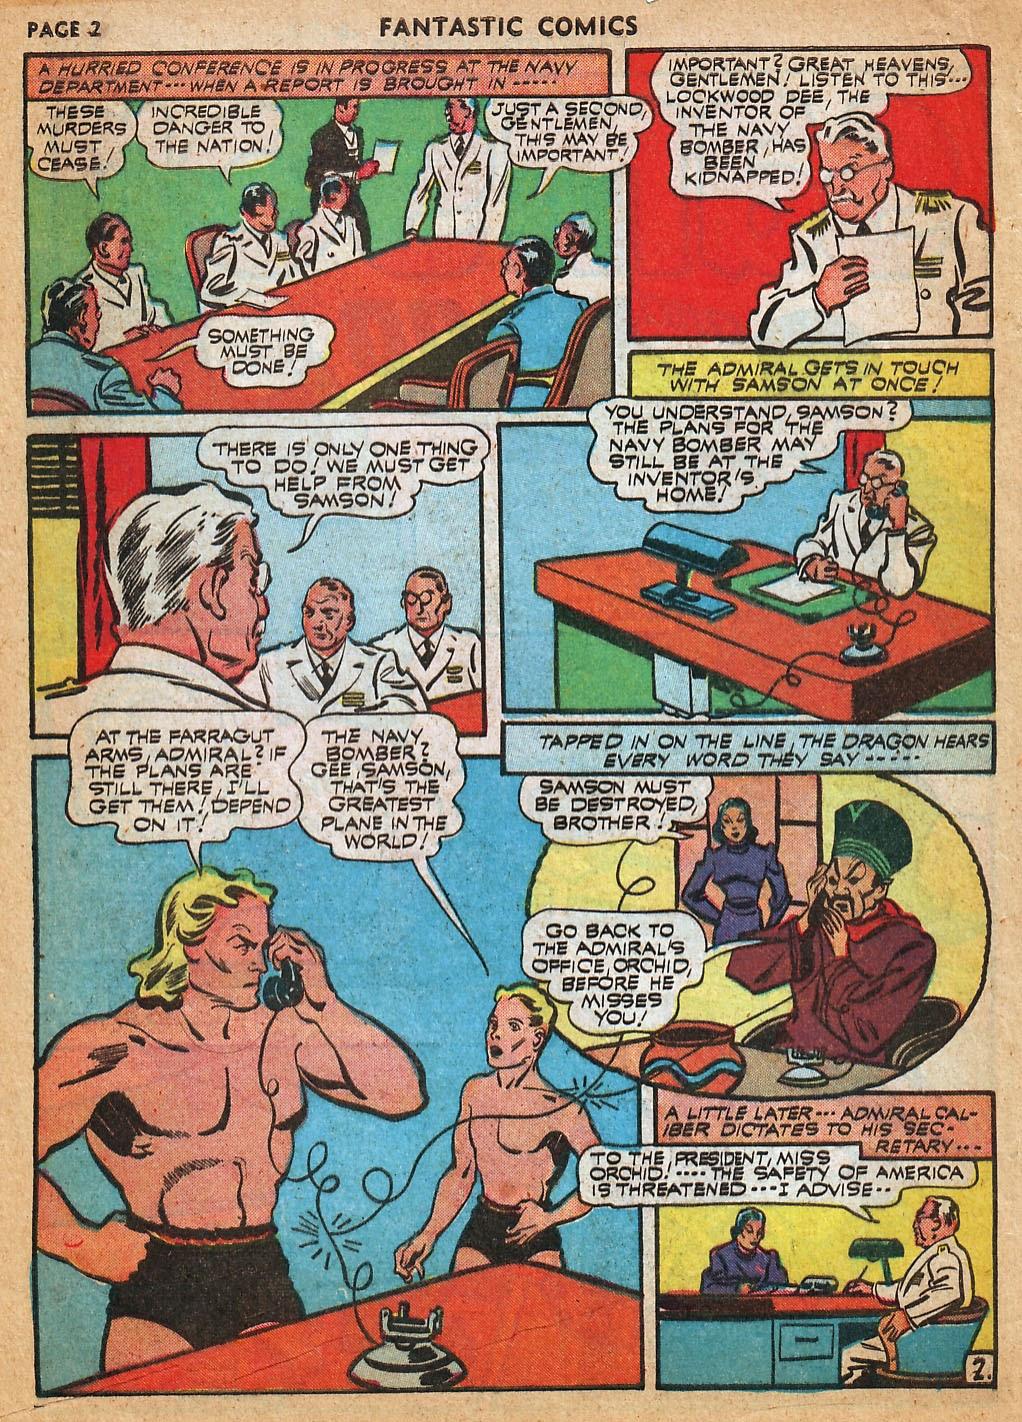 Read online Fantastic Comics comic -  Issue #22 - 4